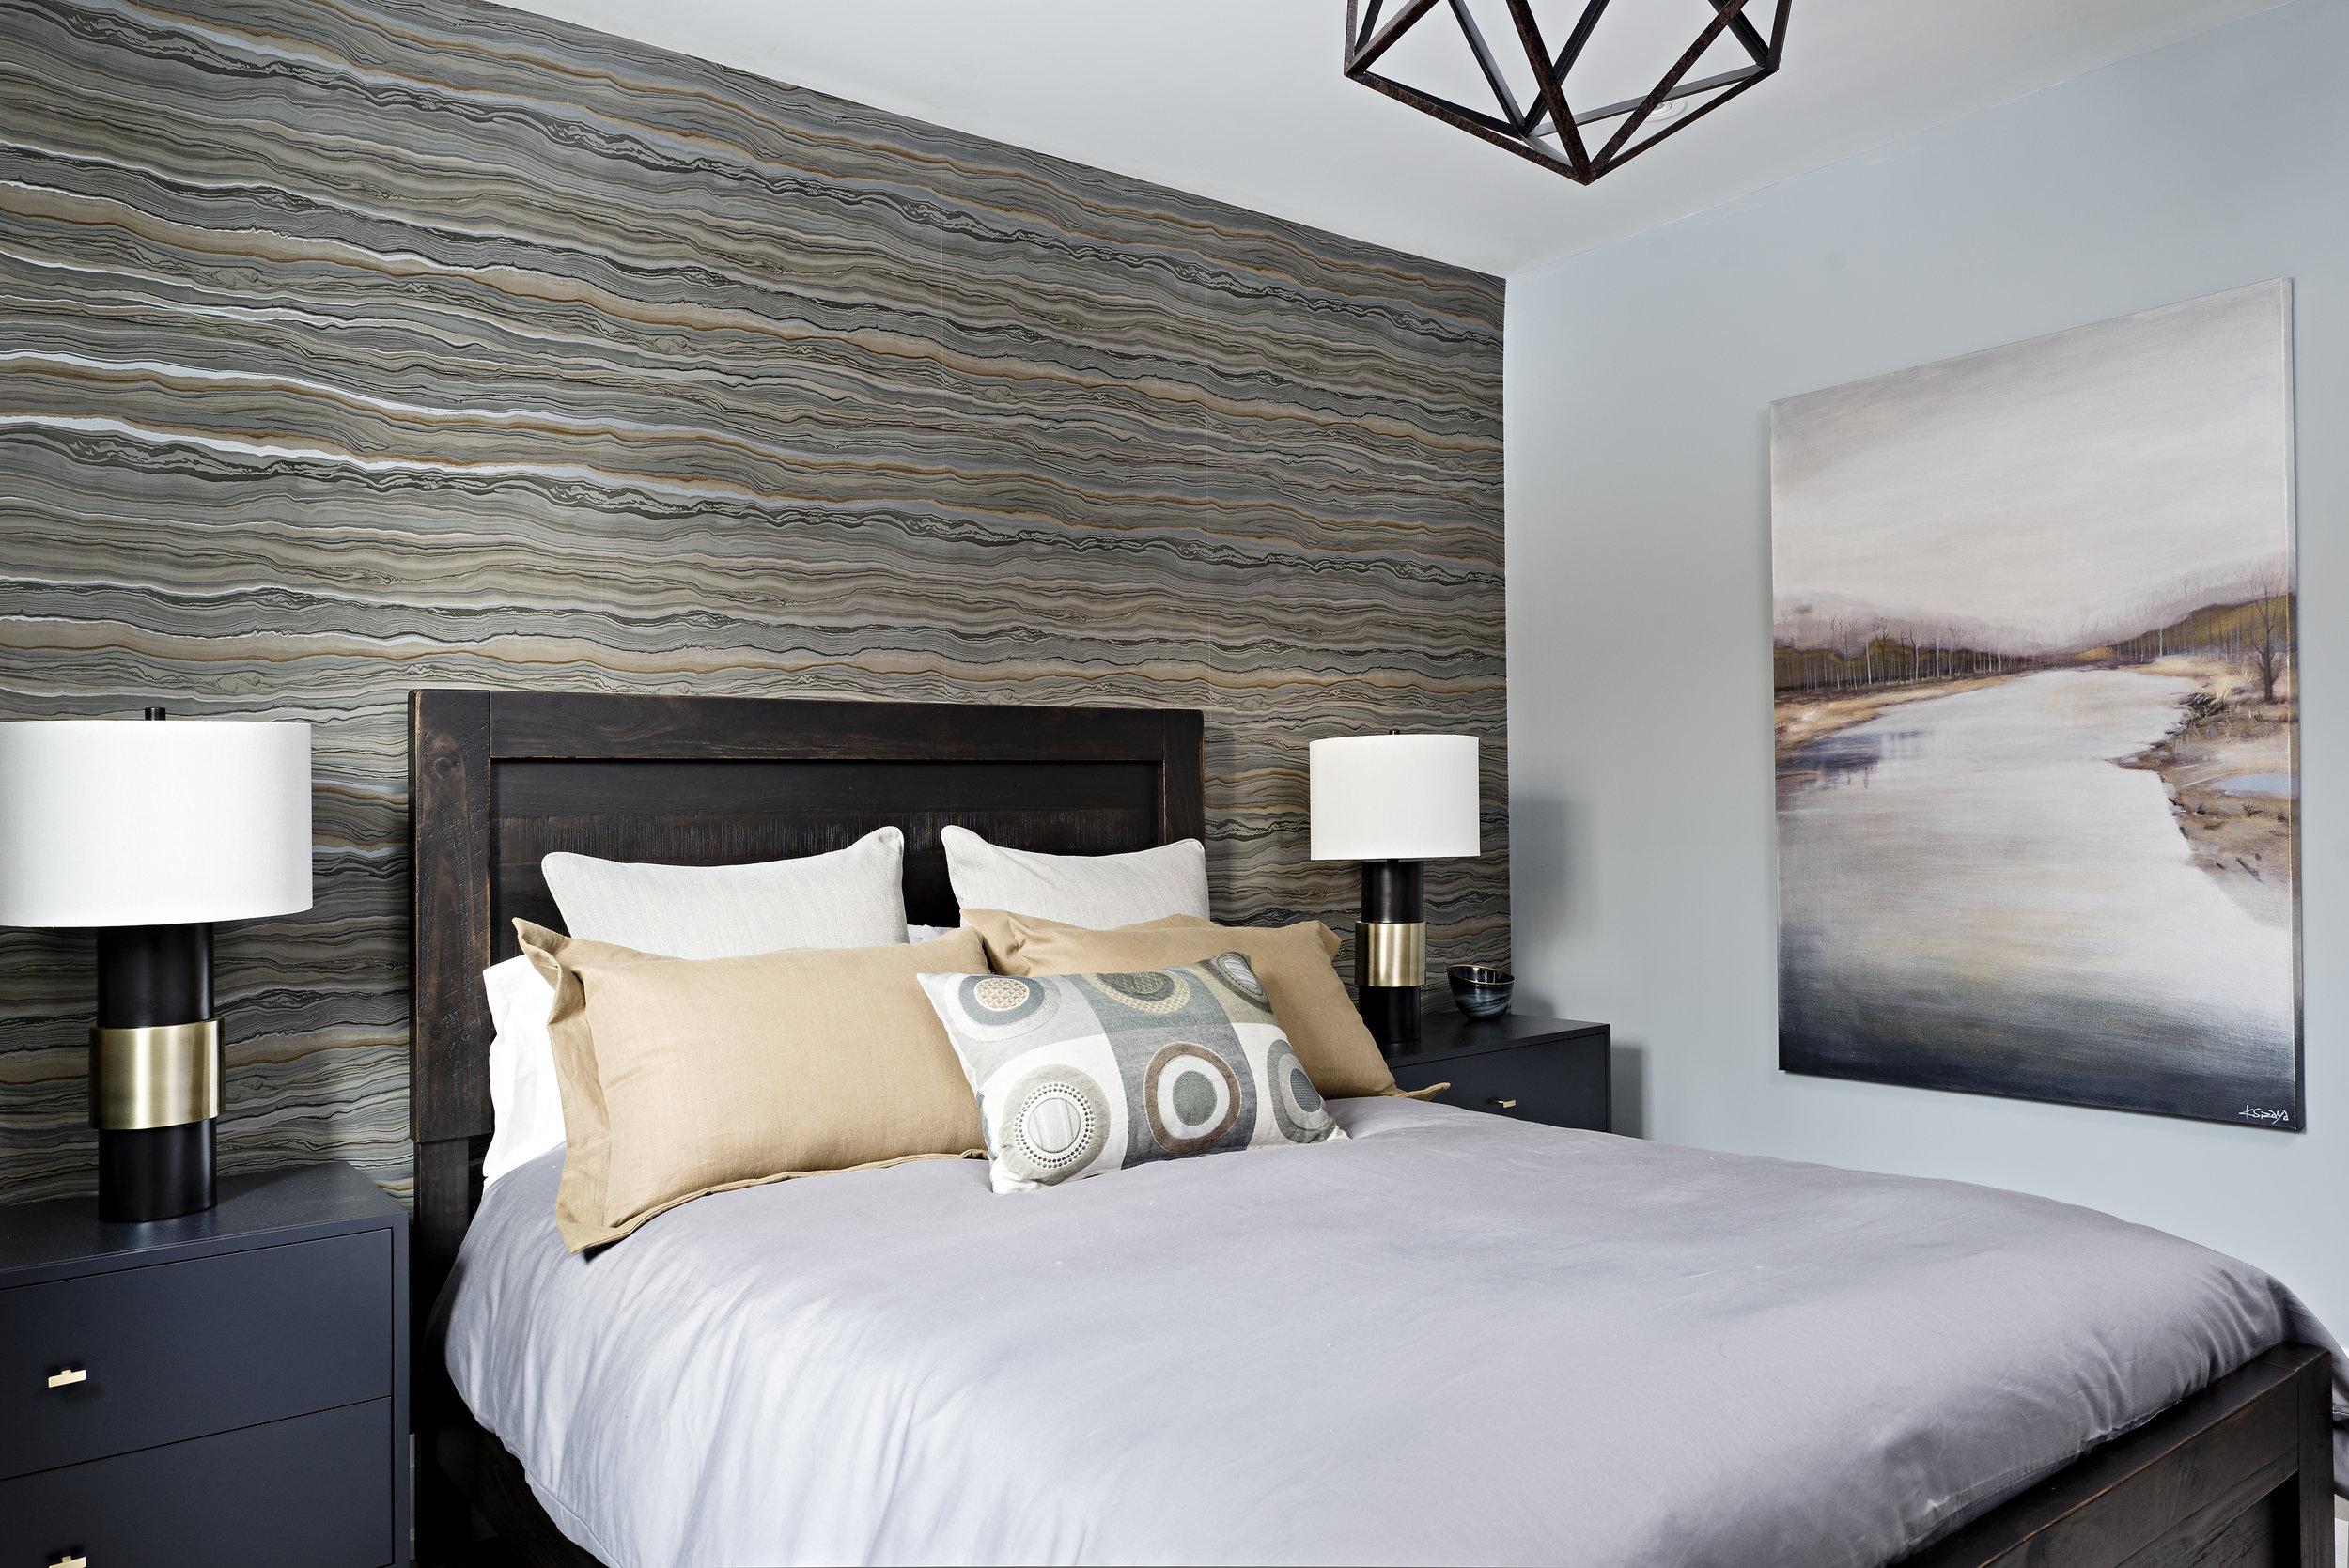 Interior Designer Pizzale Design Masculine Bedroom Wallpaper Navy Blue Nightstand Wood Bedframe.jpg